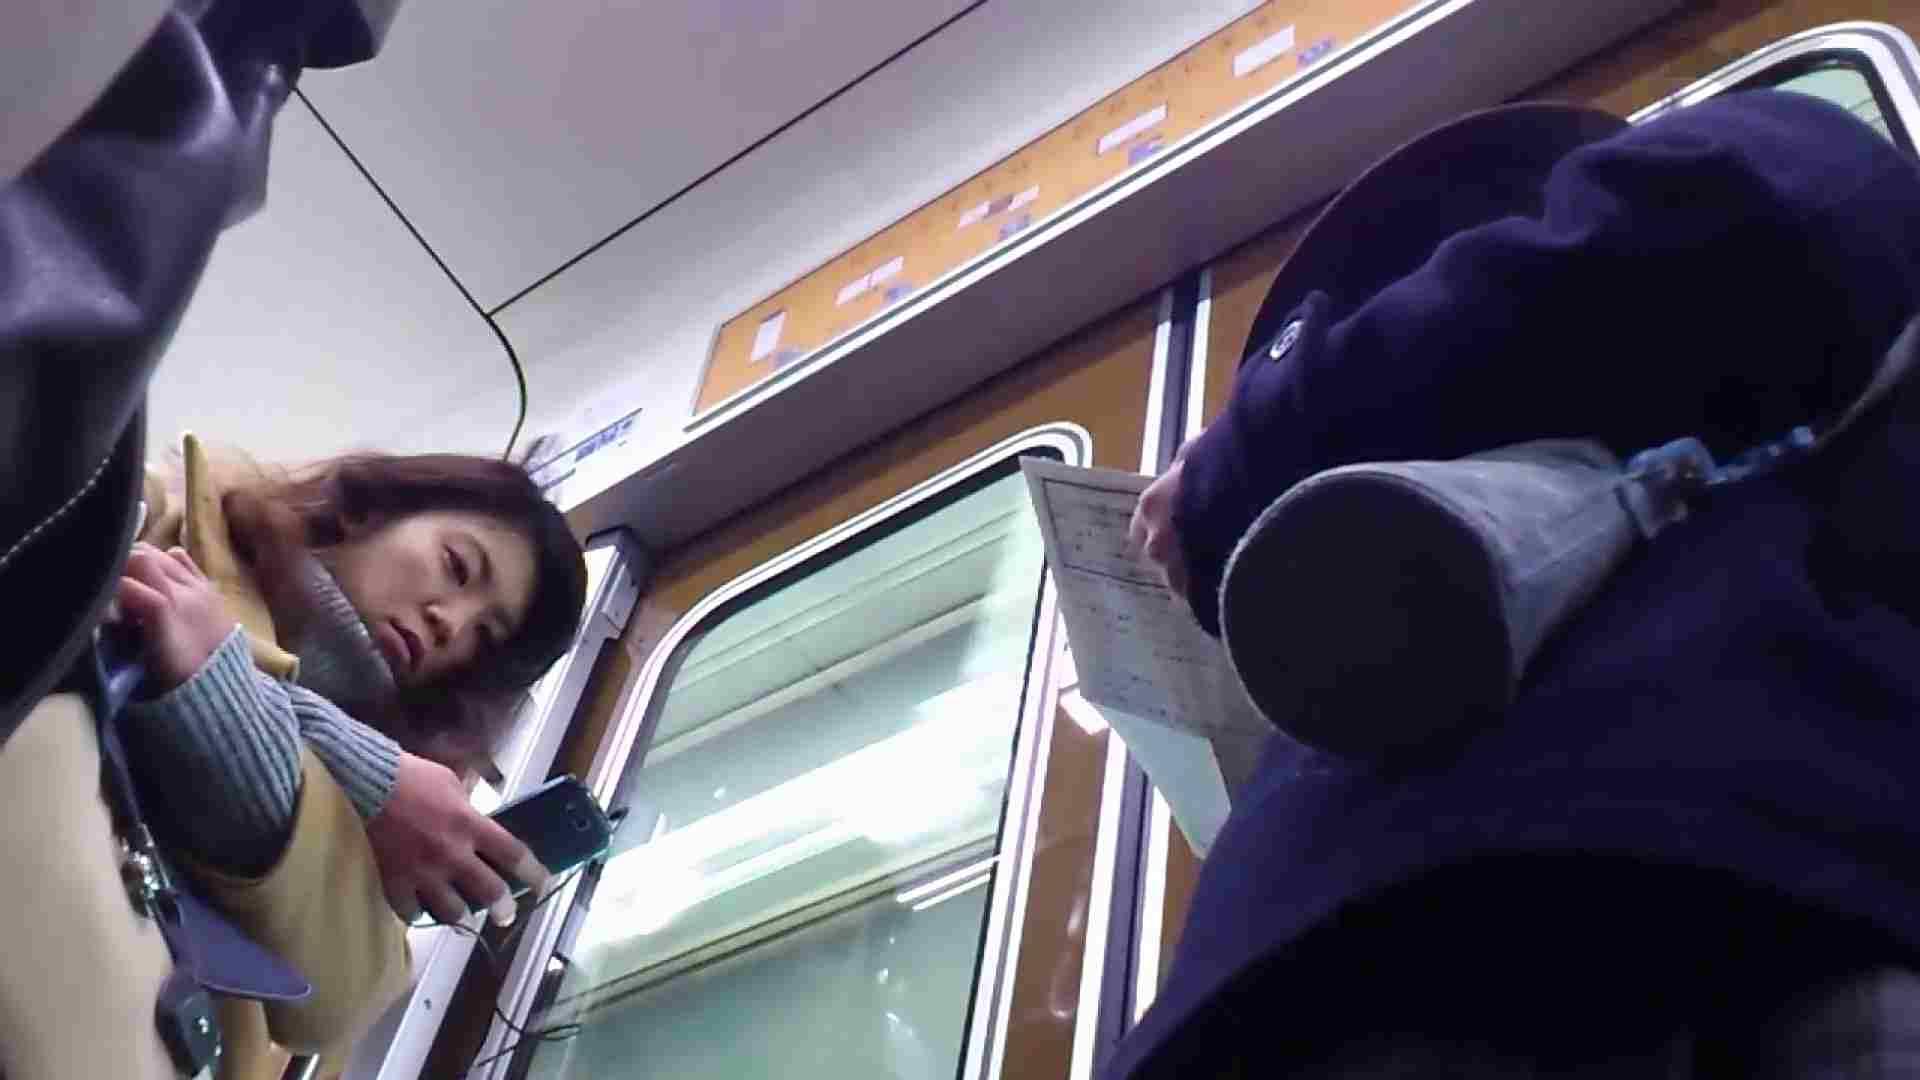 無修正エロ動画|期間限定 超炉利盗撮 Vol.15 パンチラ見ーっけた!|怪盗ジョーカー